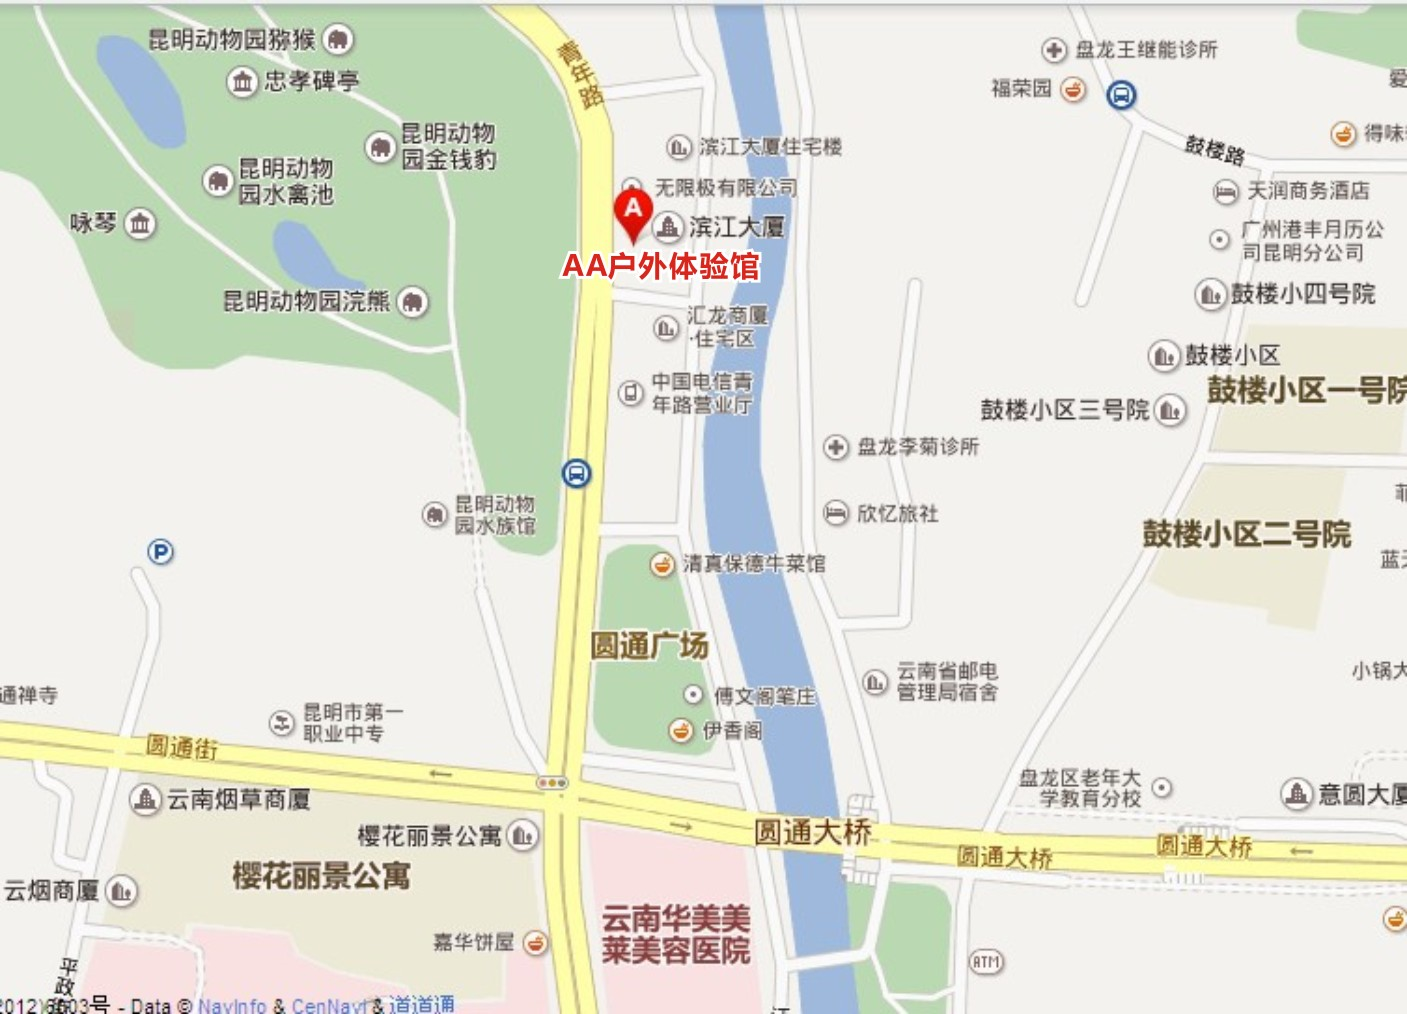 """格瓦拉之路""""----刘勇未登峰分享会(昆明站)"""